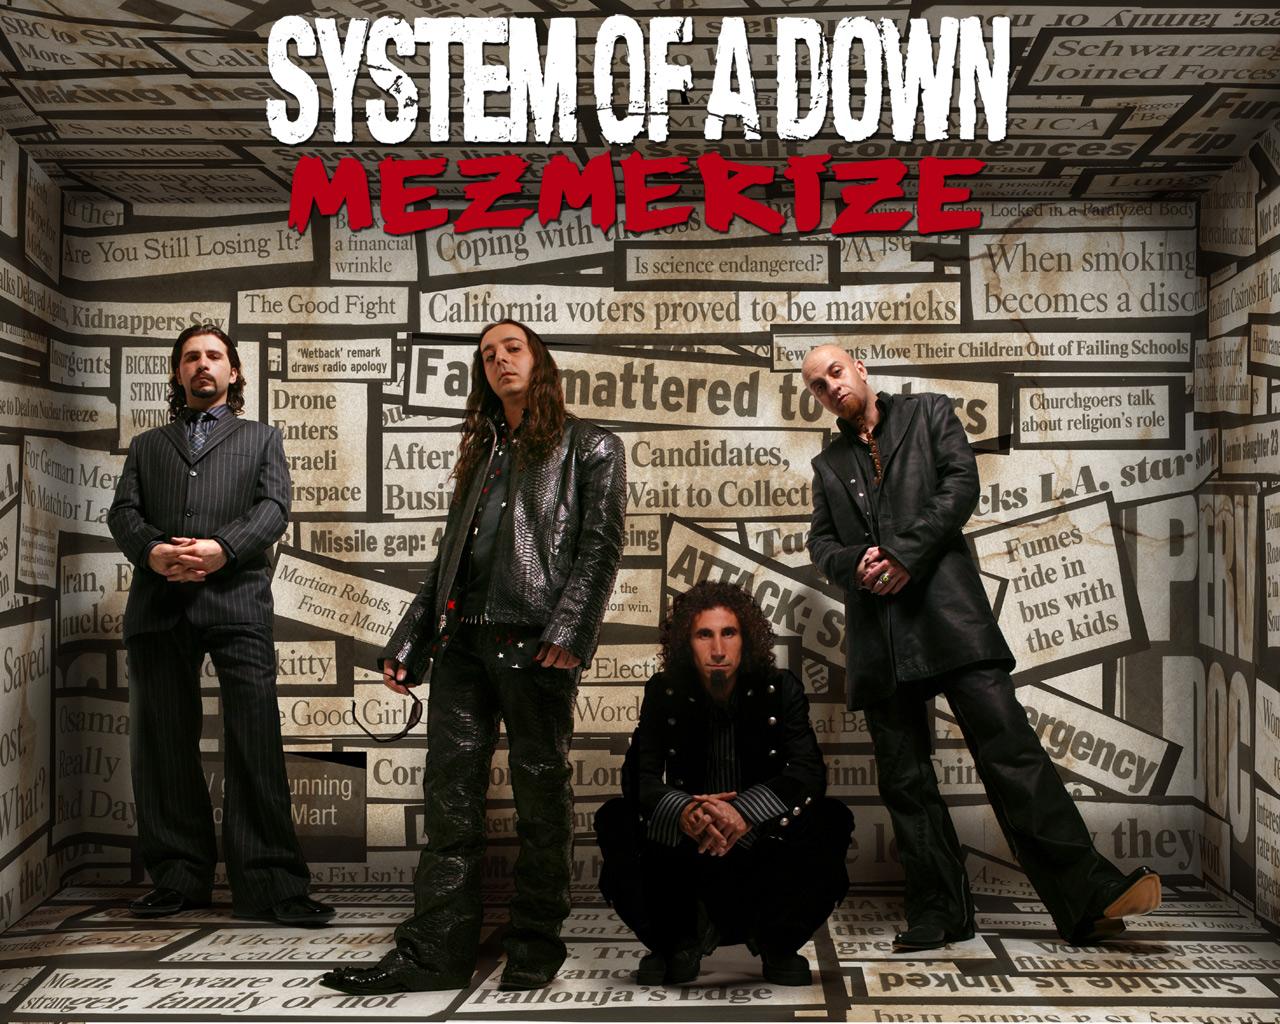 Papel de Parede System Of a Down   Mezmerize Wallpaper para Download 1280x1024